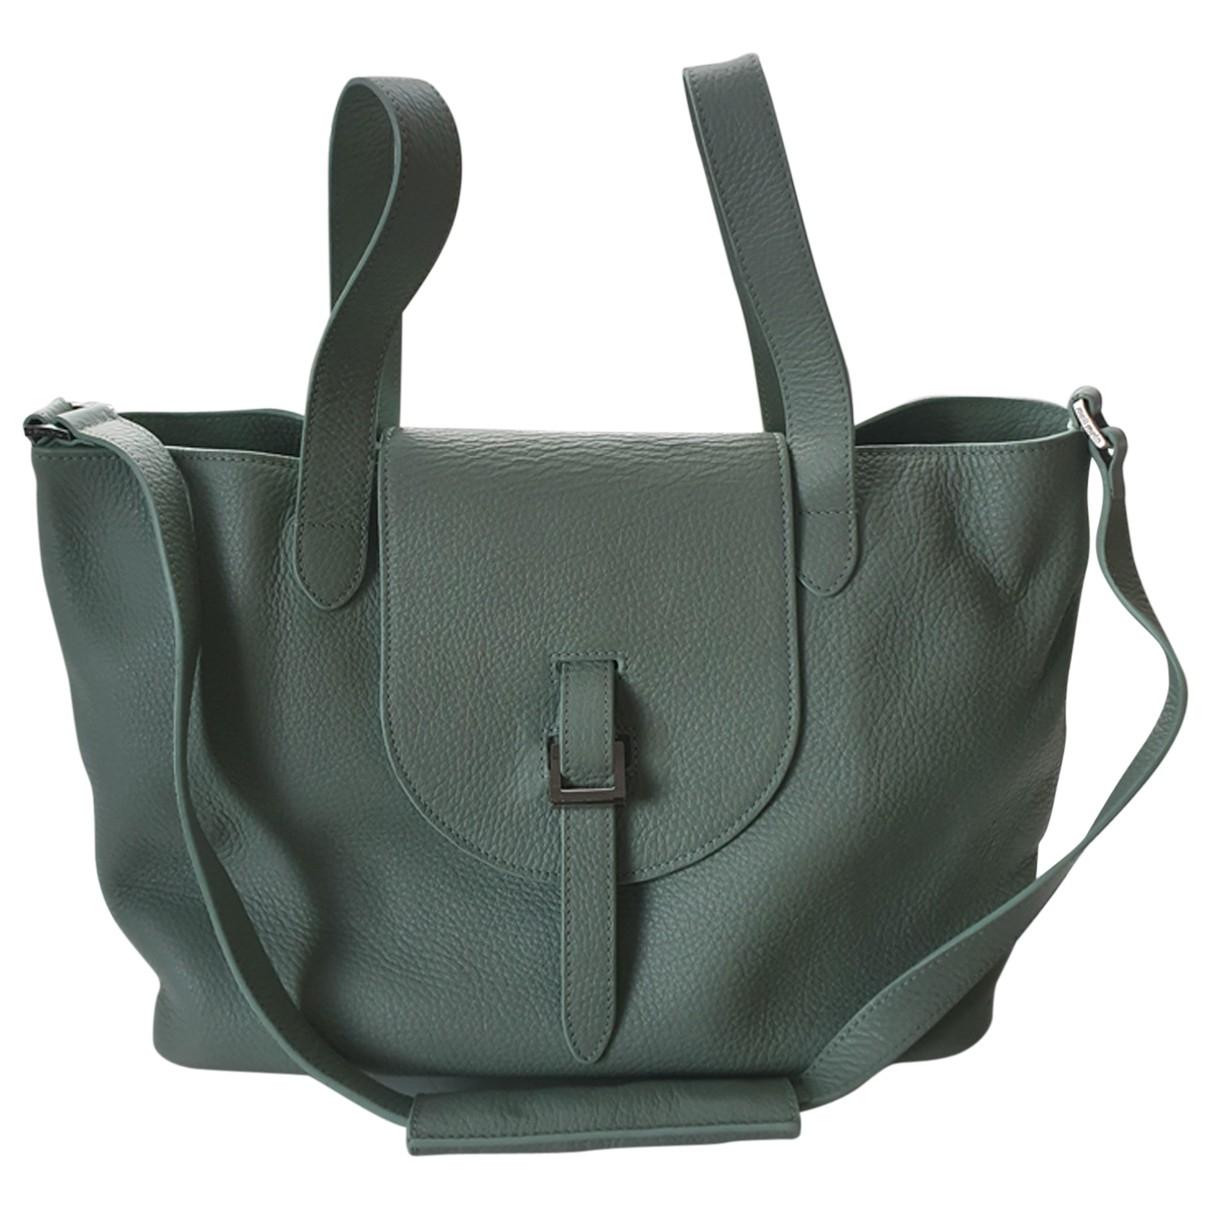 Meli Melo \N Turquoise Leather handbag for Women \N